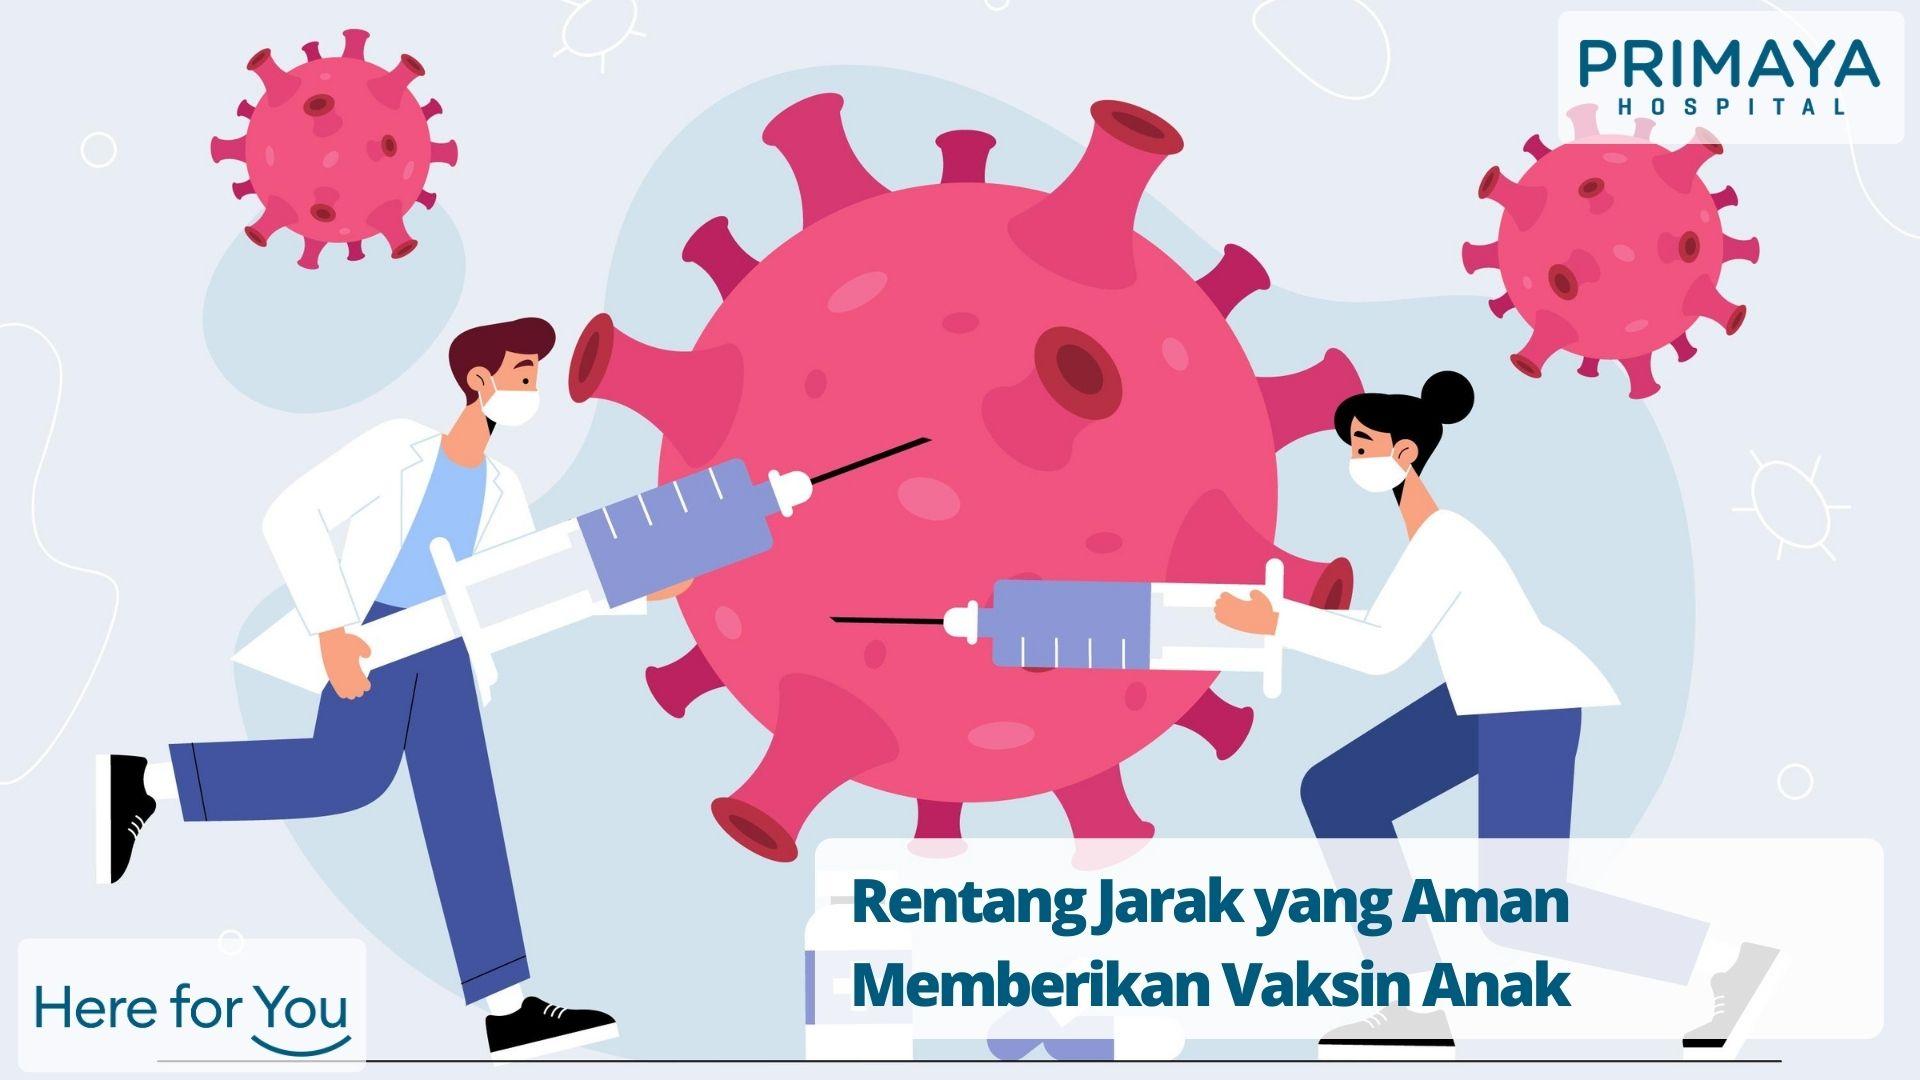 Rentang Jarak yang Aman Memberikan Vaksin Anak